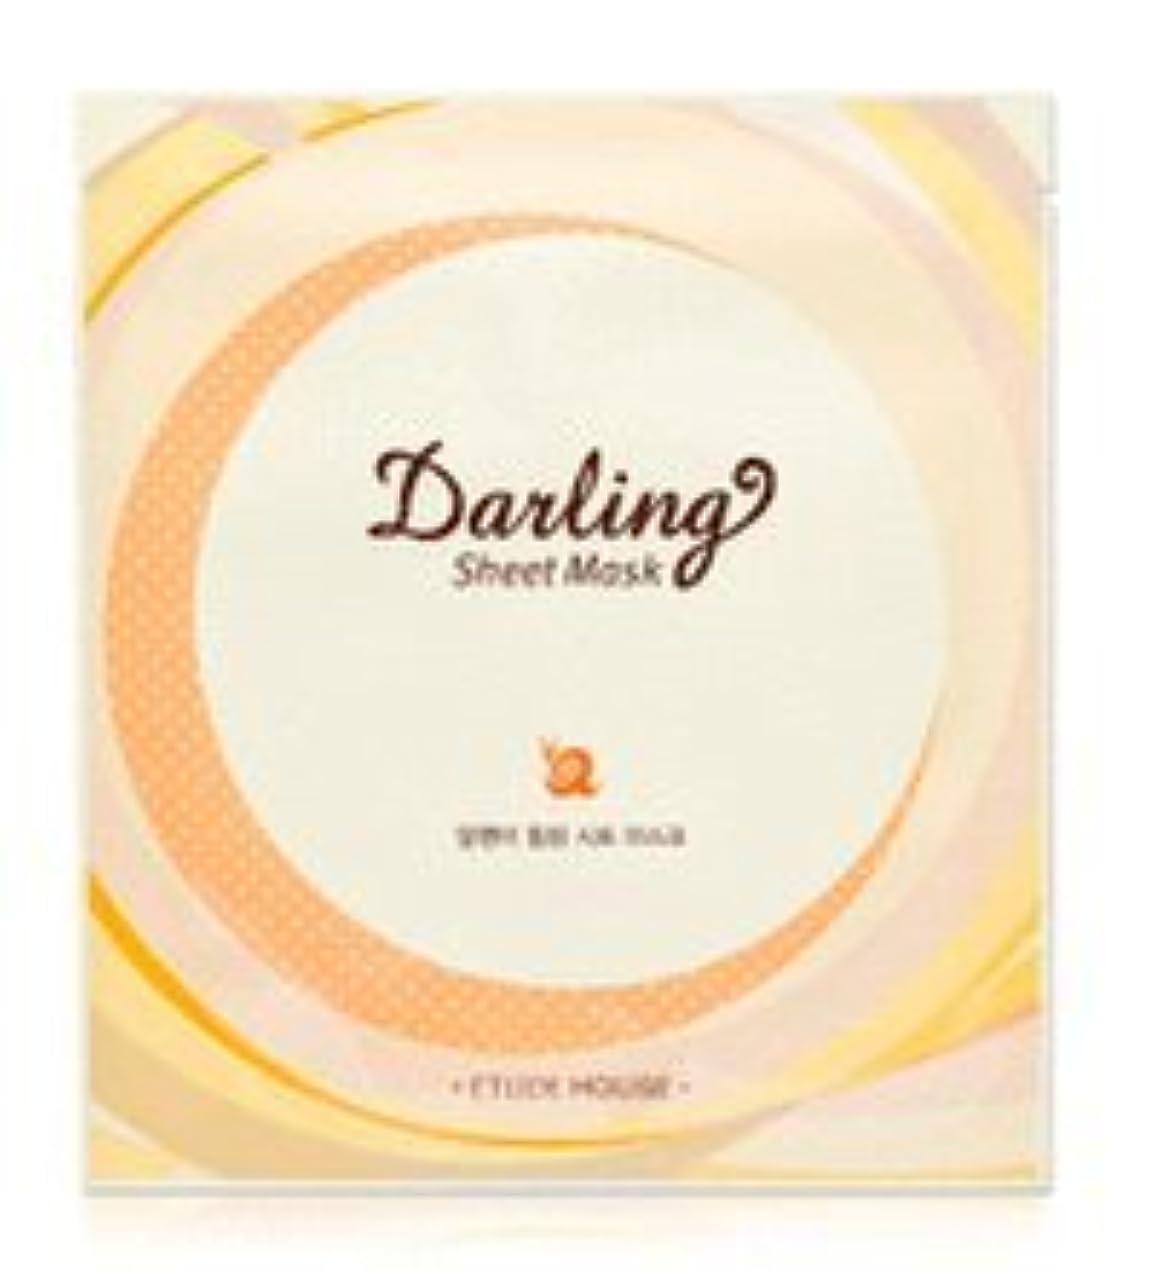 人類過敏なへこみエチュードハウス ダーリン かたつむり ヒーリング シート マスク 25g 1枚 Etudehouse Darling Sheet Mask